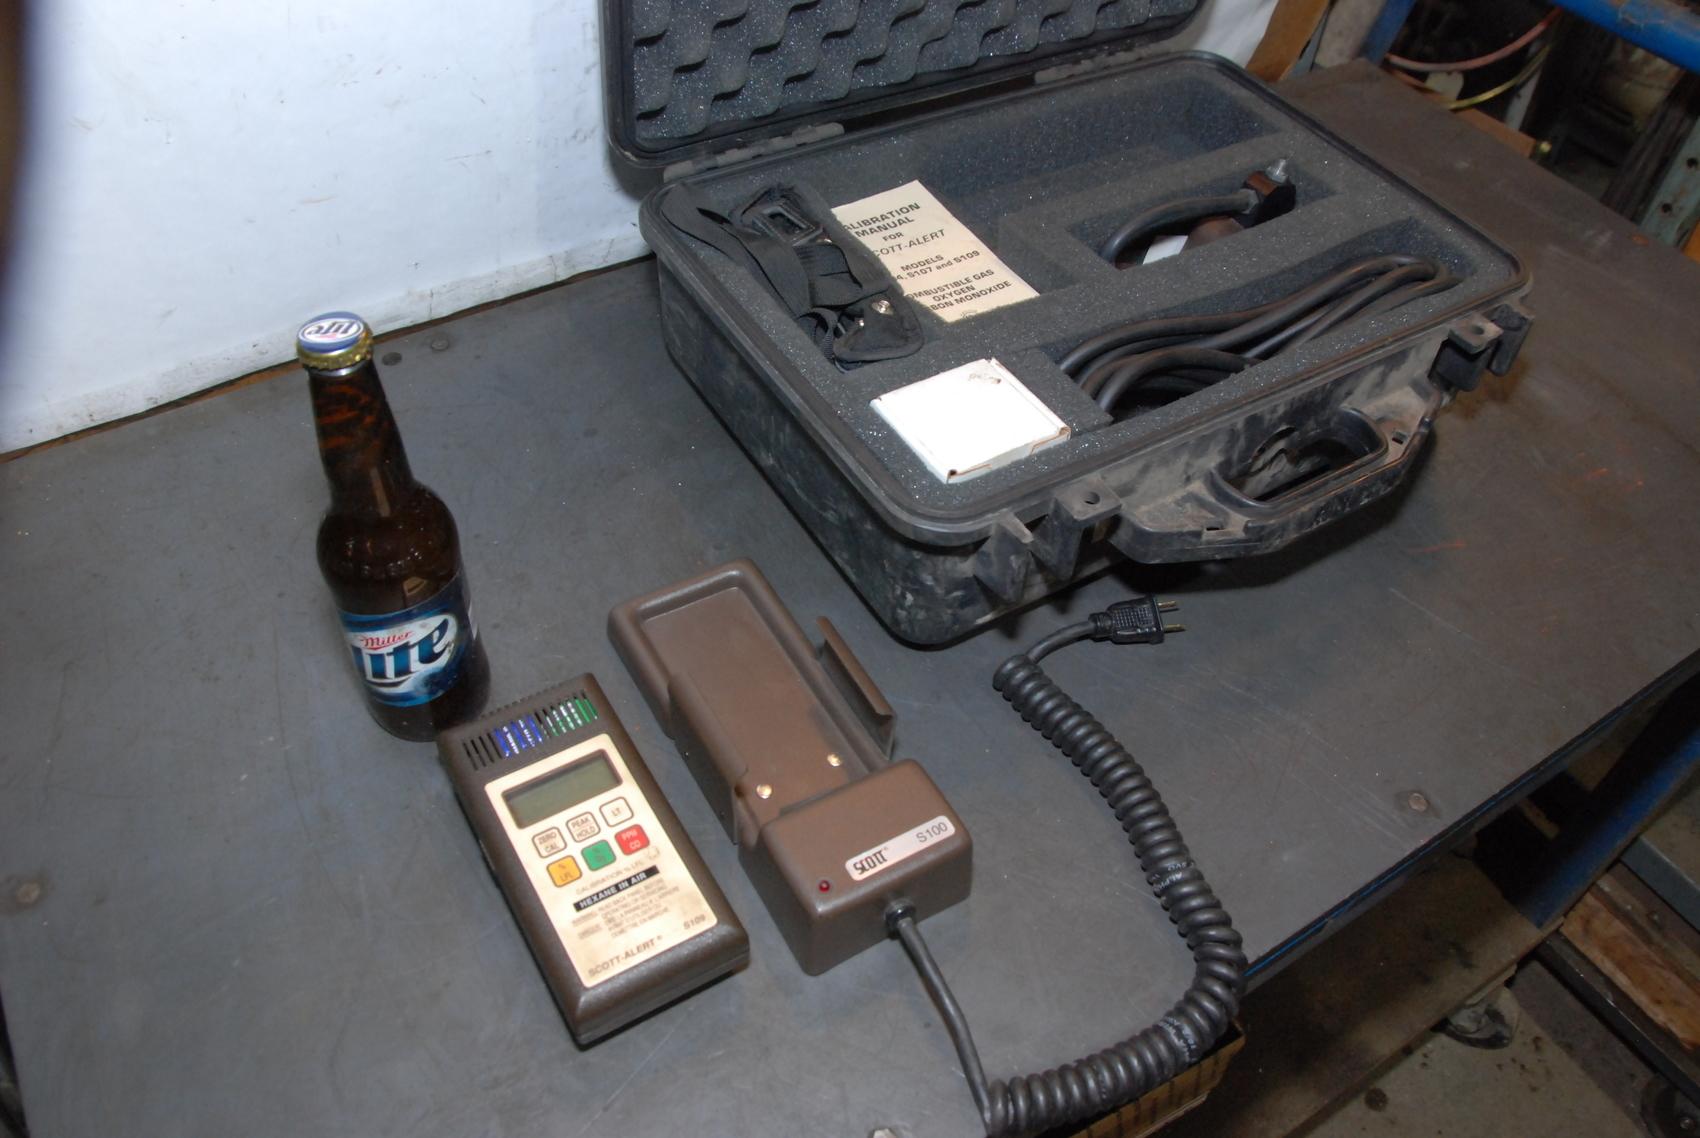 Scott-Alert Model S109 detection instrument